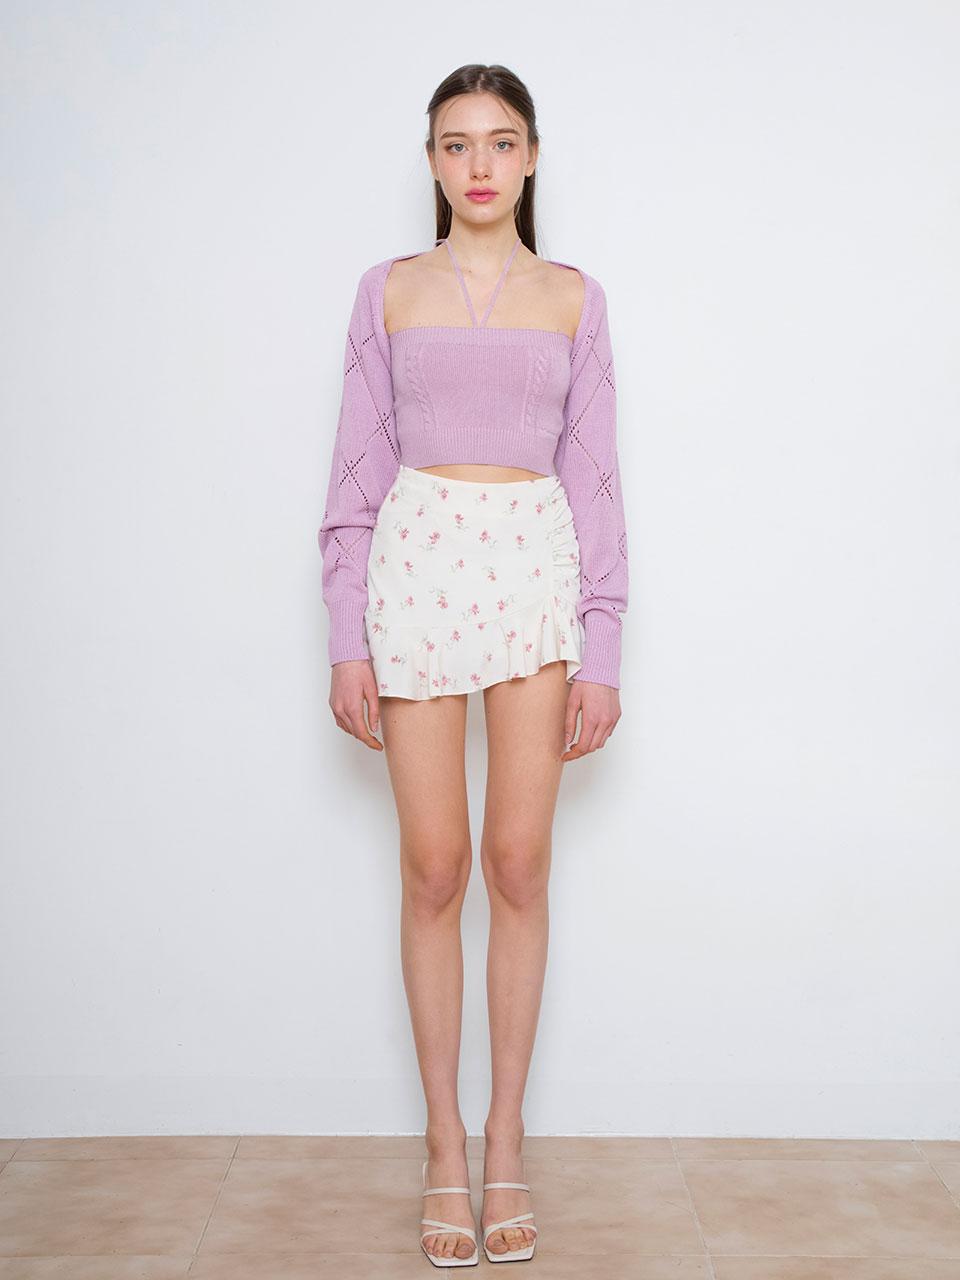 [7월30일 예약배송][2차 8월23일 예약배송] 소녀시대 서현 착용Crystal knit bolero set (purple)